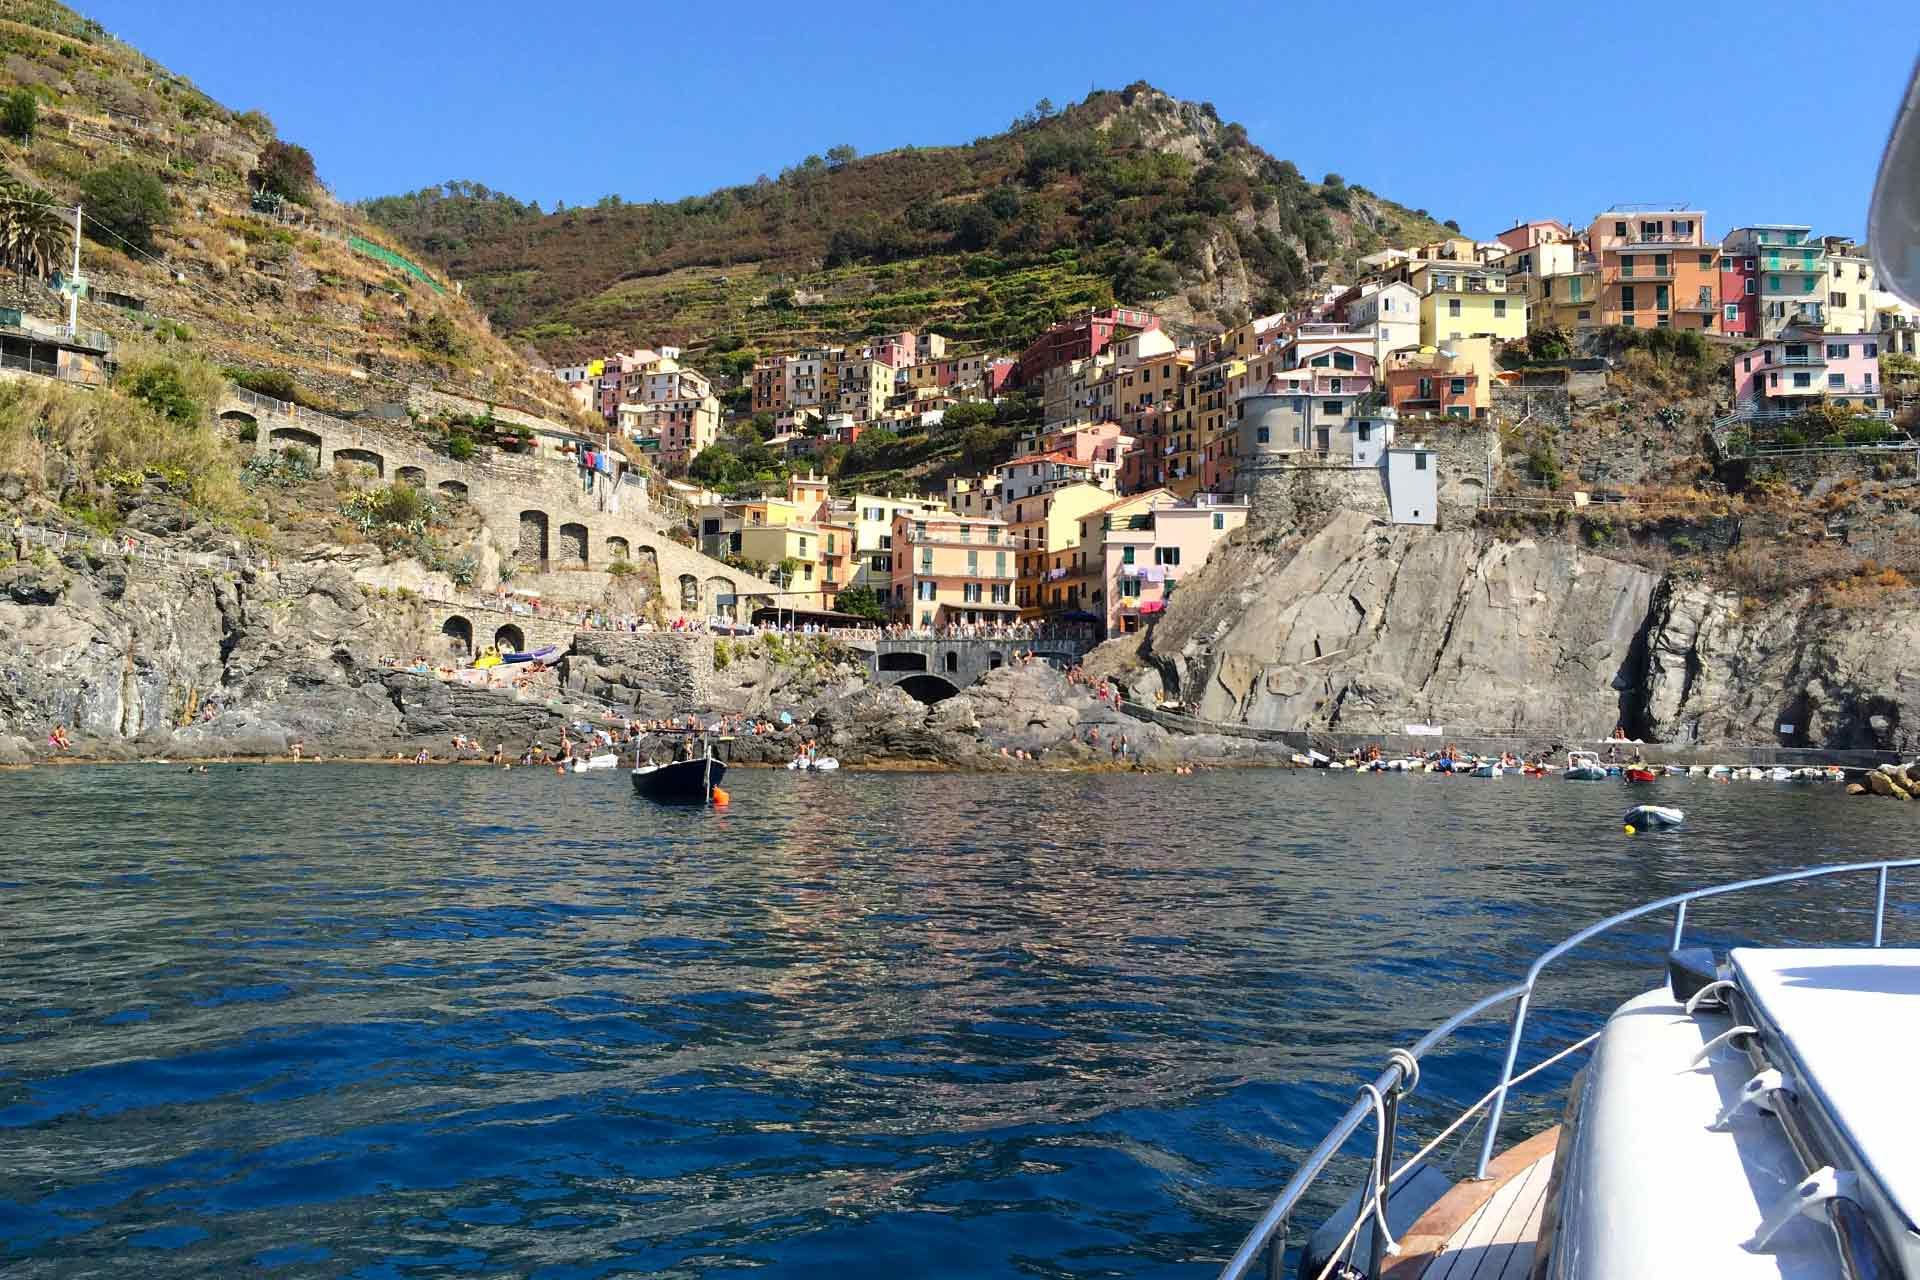 Travel to Italy off season exploring the Italian Riviera